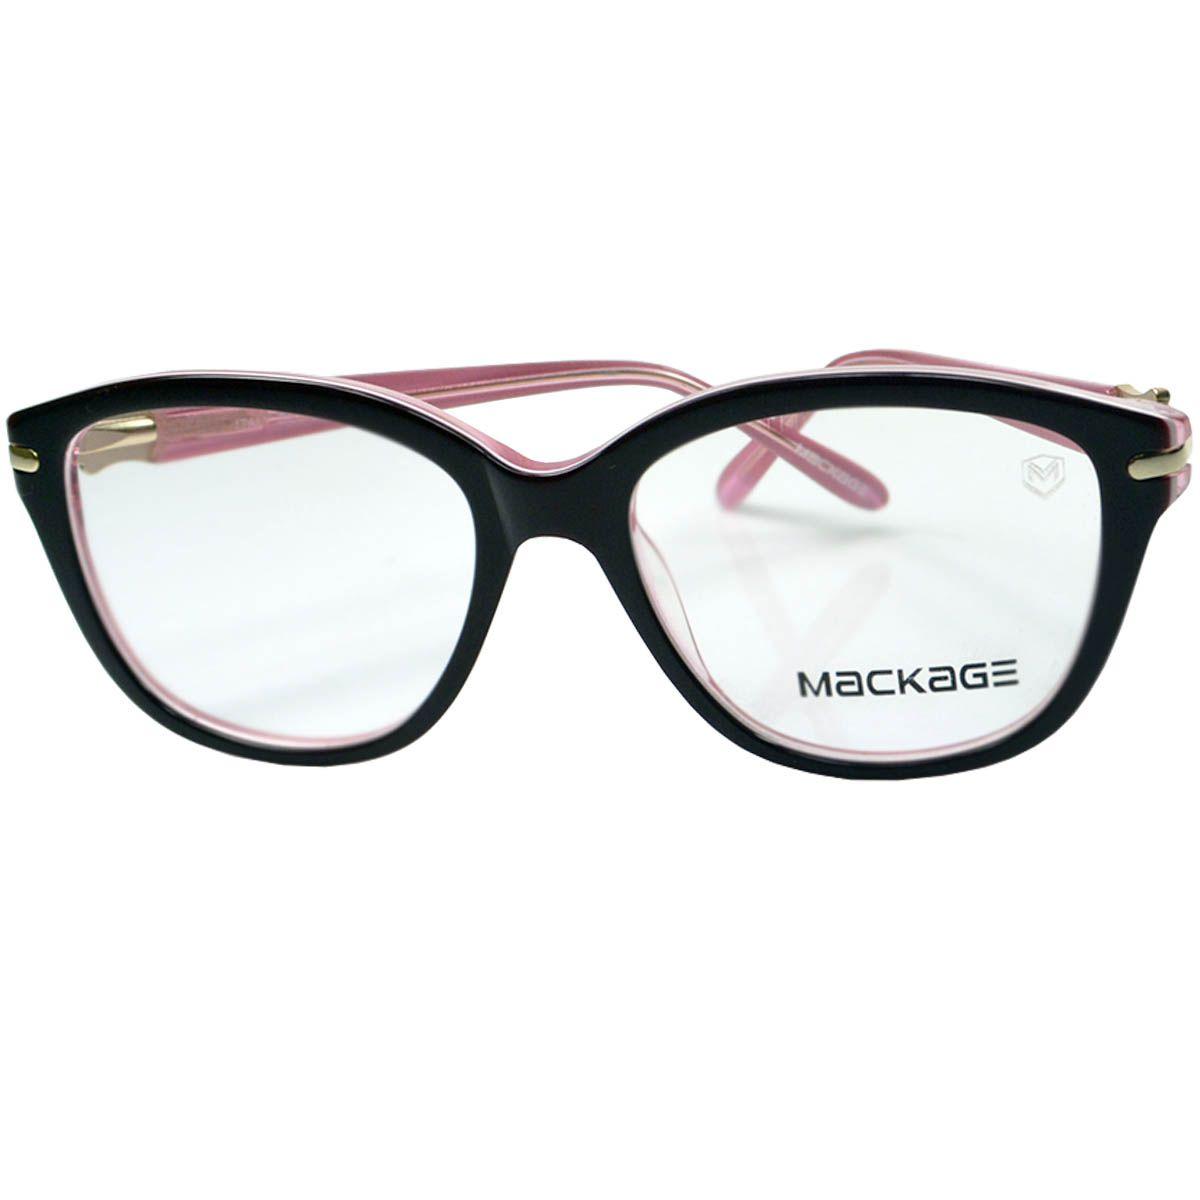 b56030237106d Armação Para Óculos De Grau - Mackage MKA8131C4 Preto Rosa